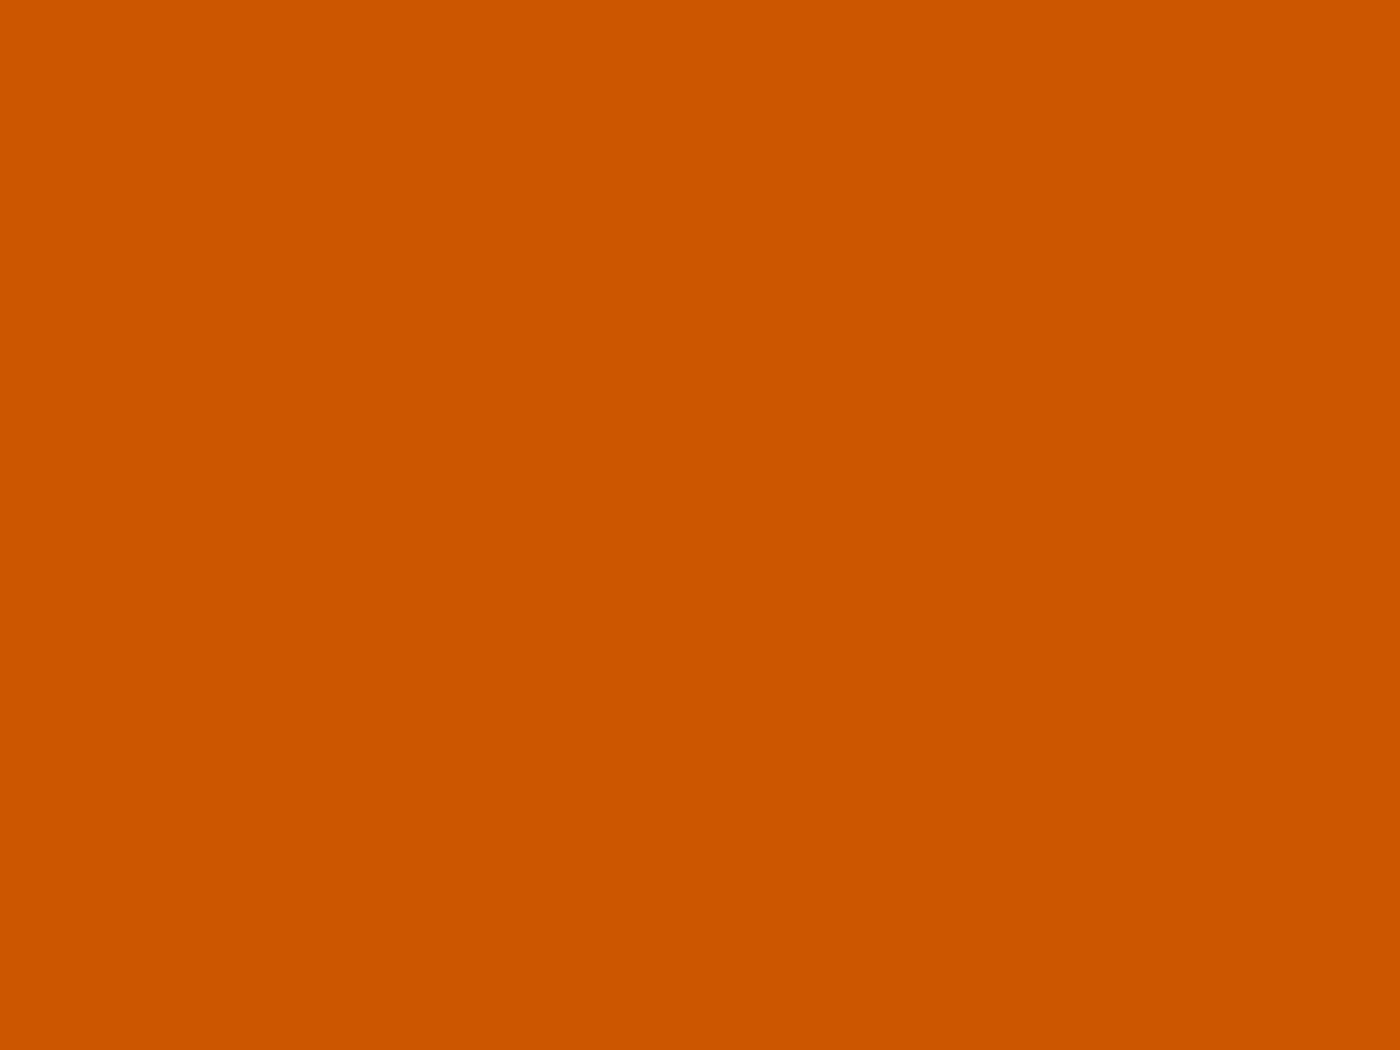 1400x1050 Burnt Orange Solid Color Background